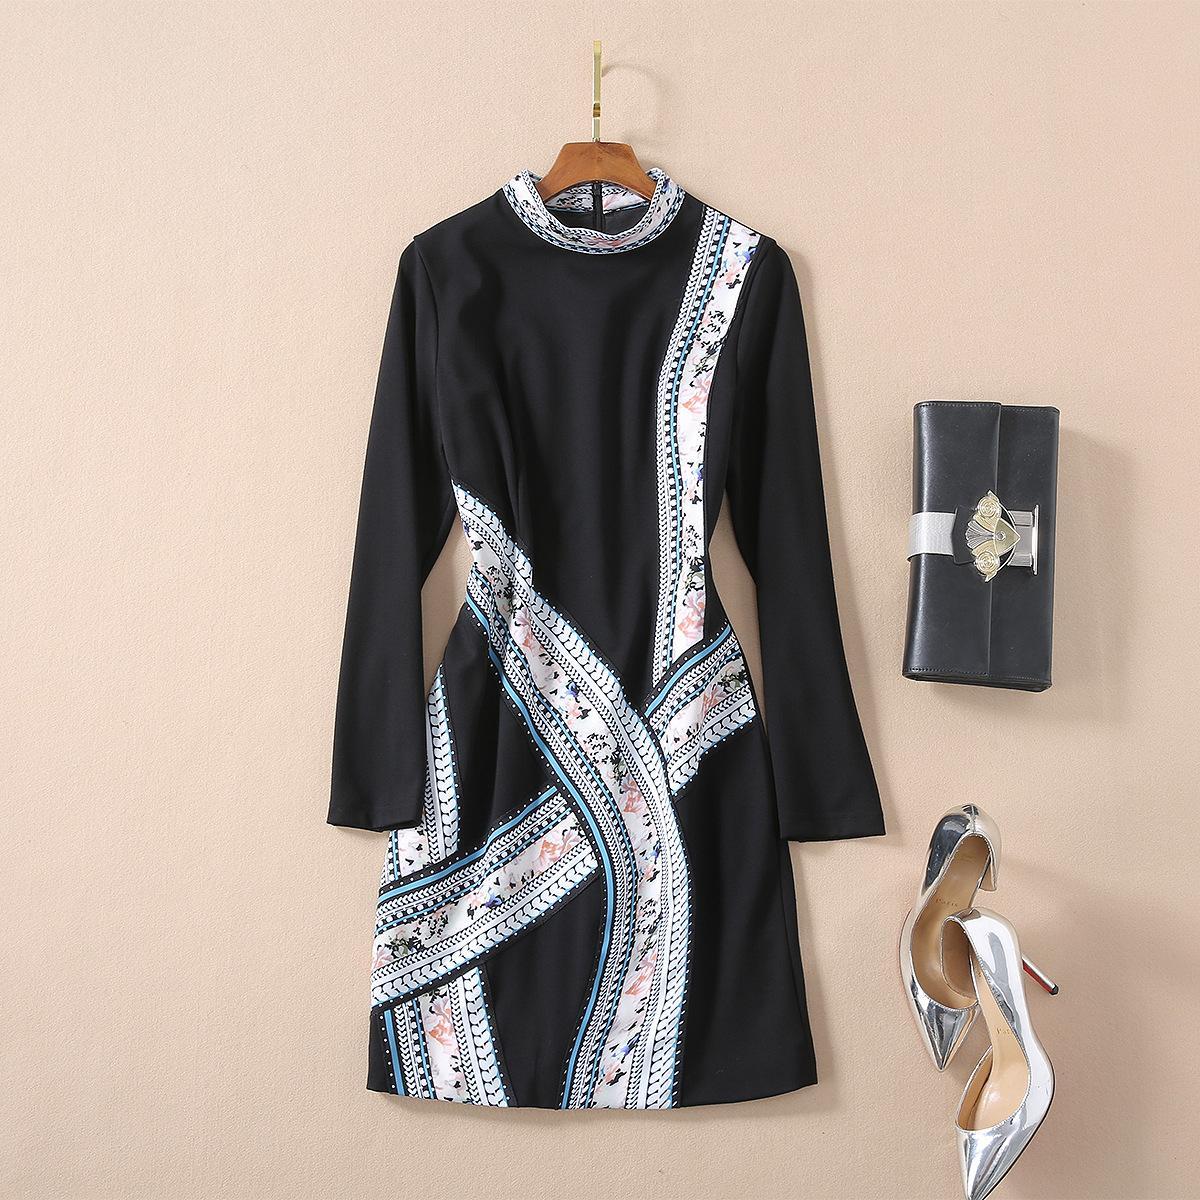 Paskalya moda satış yaz Uzun Kasetli Fermuar seksi Parti Elbise yazdır kollu toptan pist yeni sıcak Ekip boyun ins